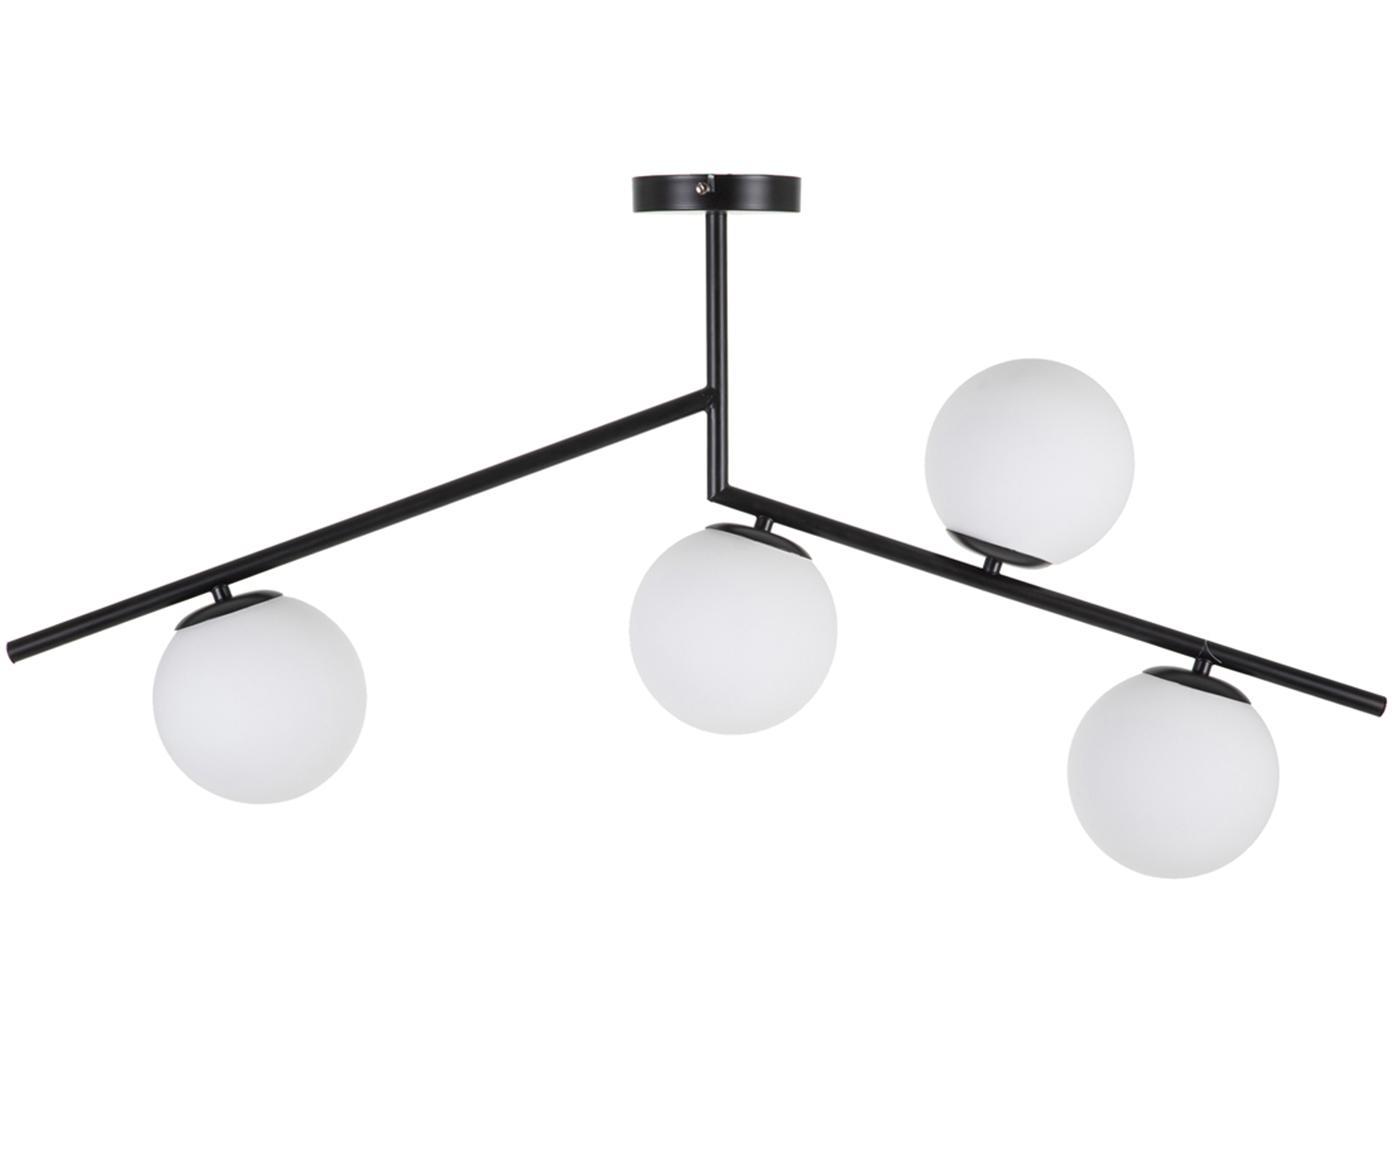 Deckenleuchte Spheric, Metall, Glas, Schwarz, Weiß, B 15 x T 98 cm